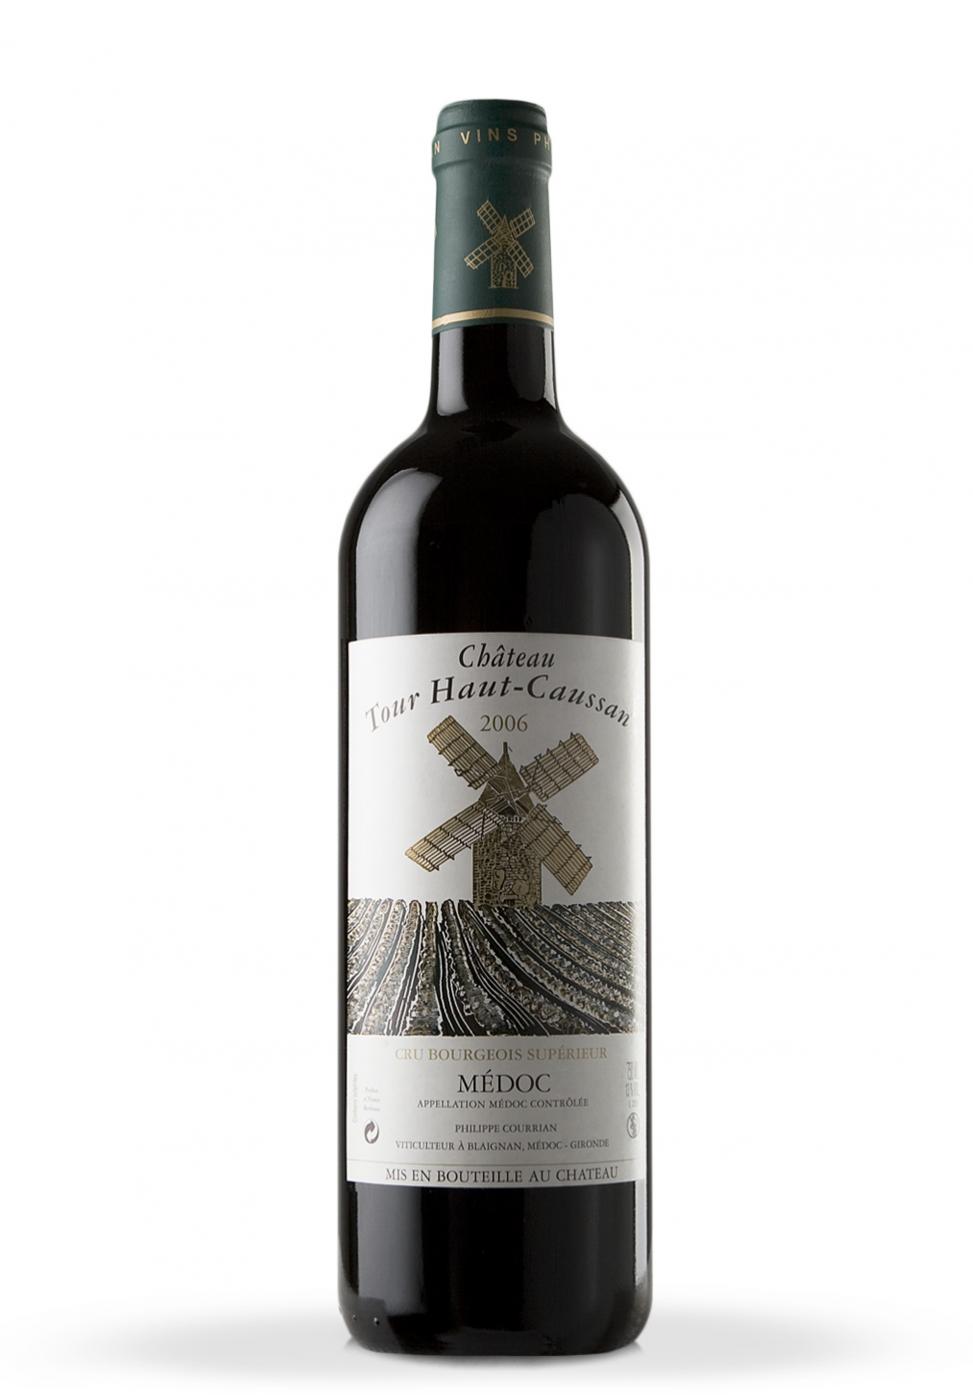 Vin Chateau Tour Haut-Caussan, Medoc 2006 (0.75L)